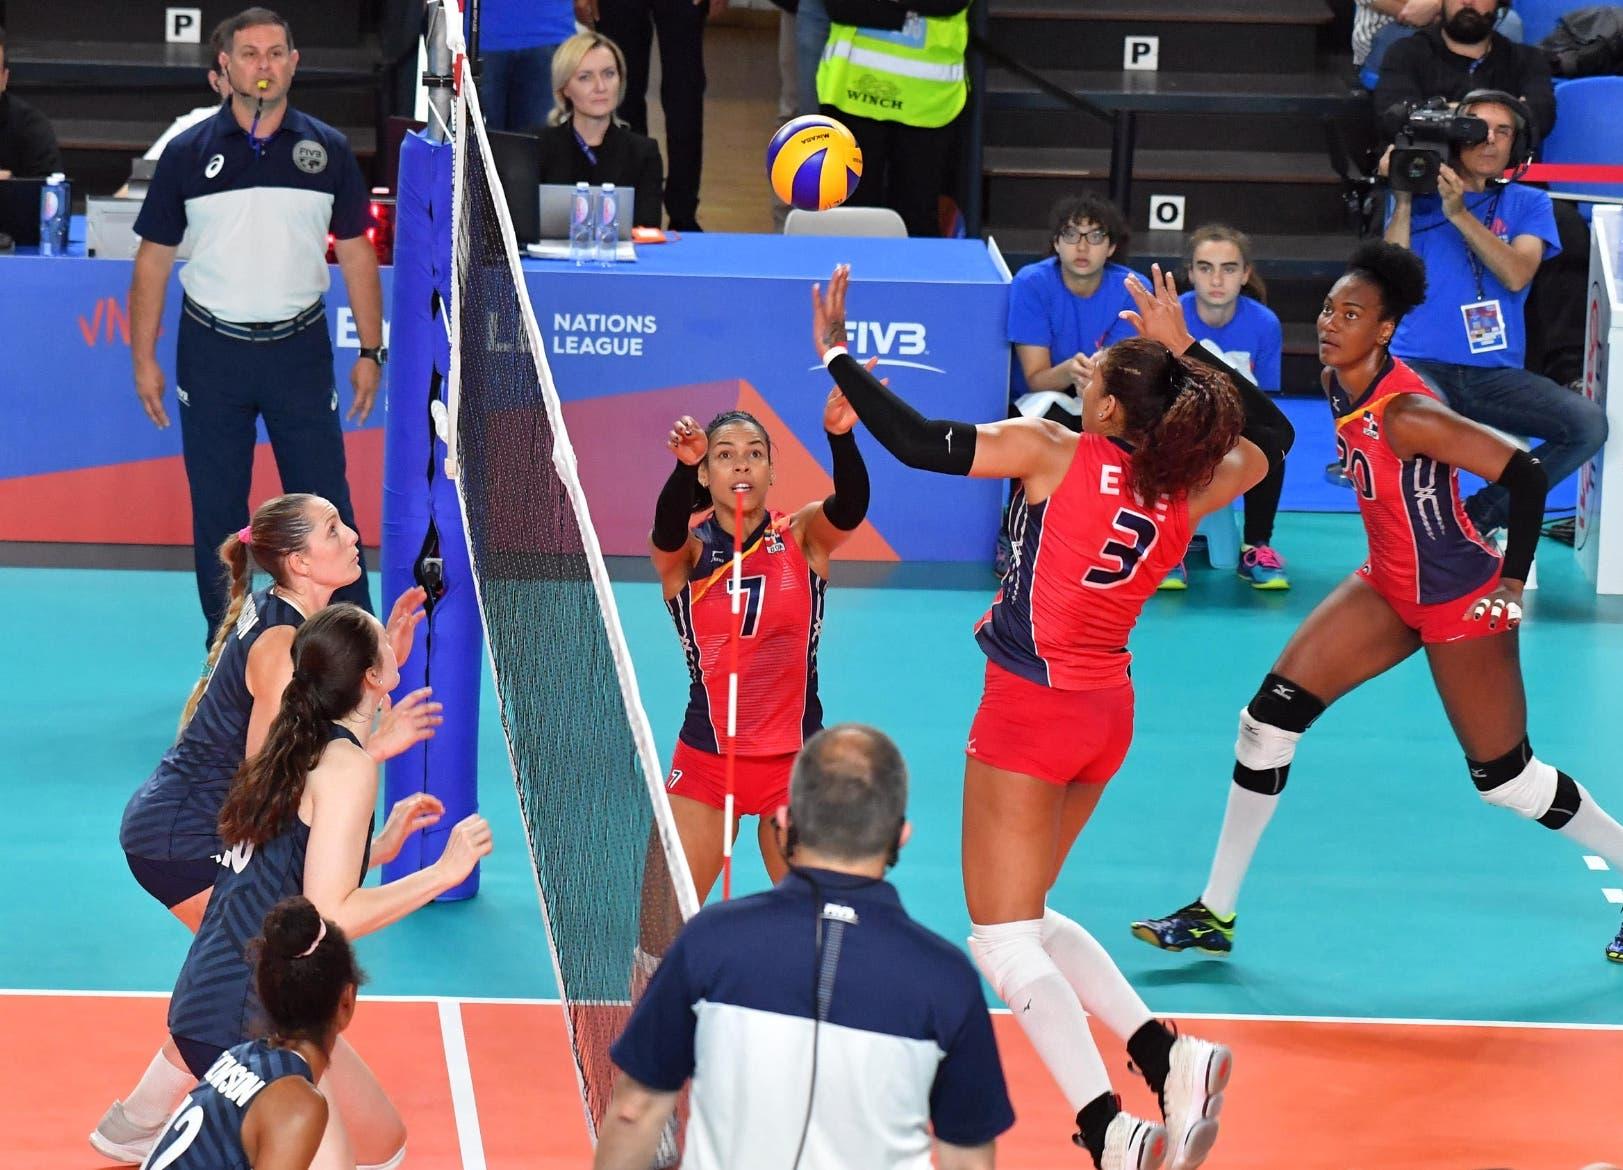 República Dominicana  obtiene triunfo histórico ante EE. UU. en Liga de Naciones